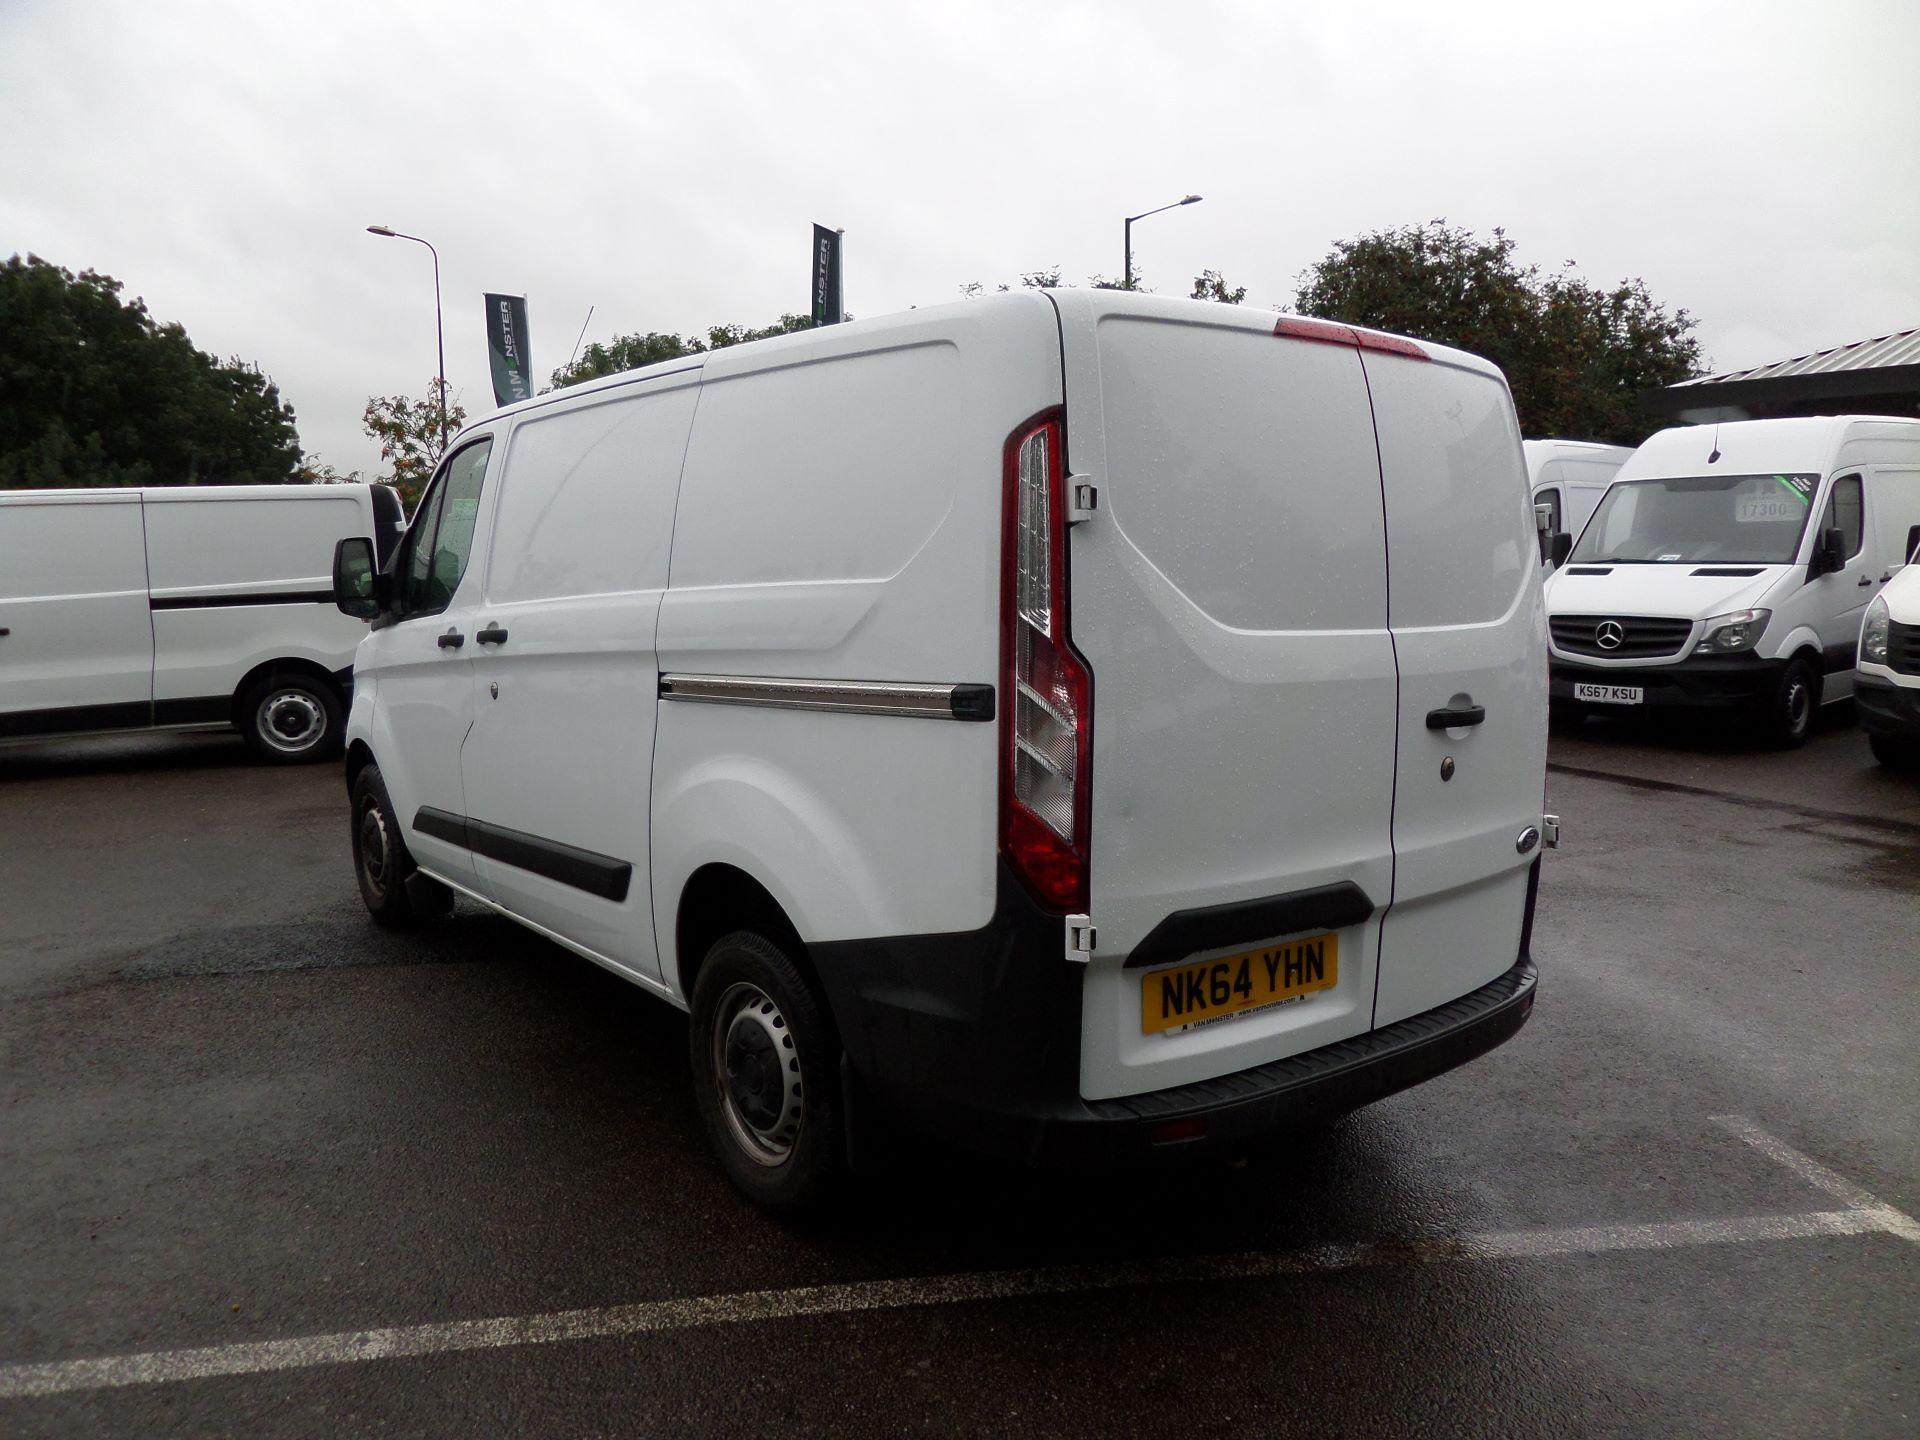 2014 Ford Transit Custom 290 L1 DIESEL FWD 2.2  TDCI 100PS LOW ROOF VAN EURO 5 (NK64YHN) Image 9